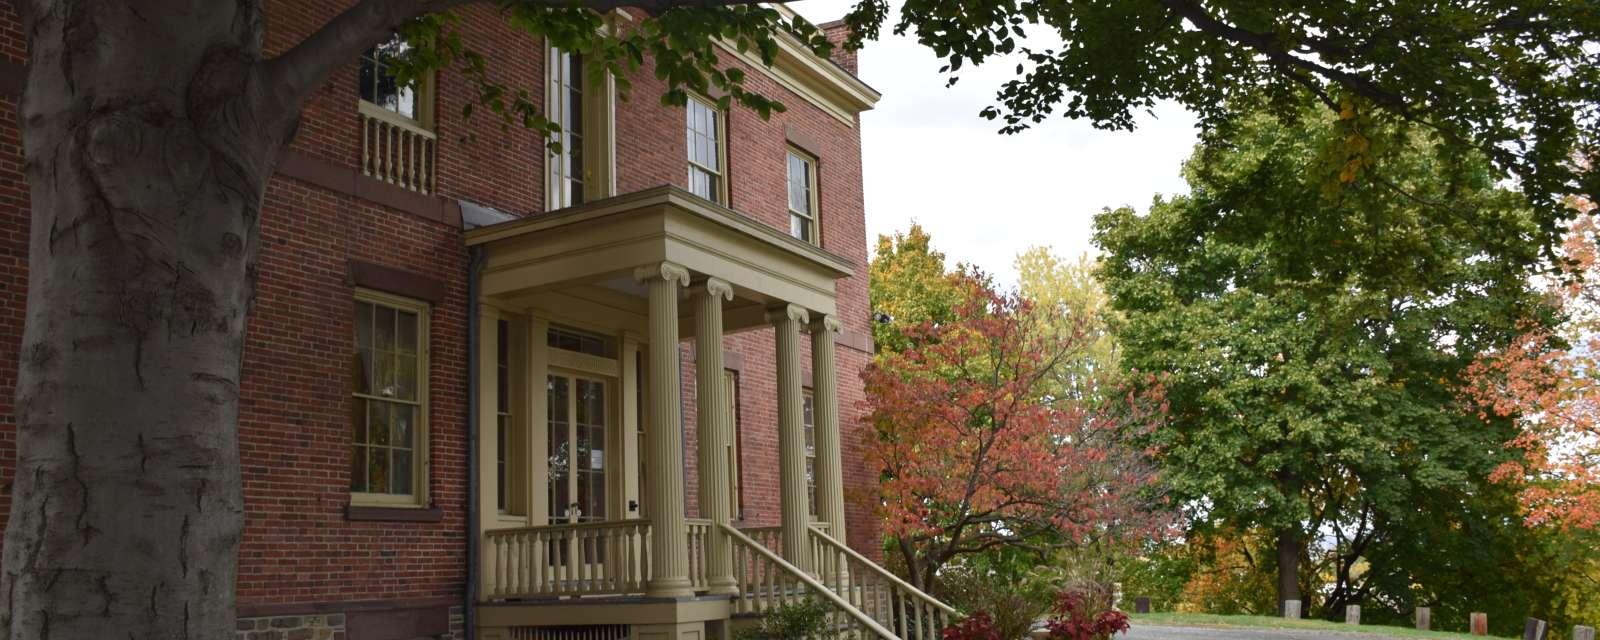 Ten Broeck Mansion